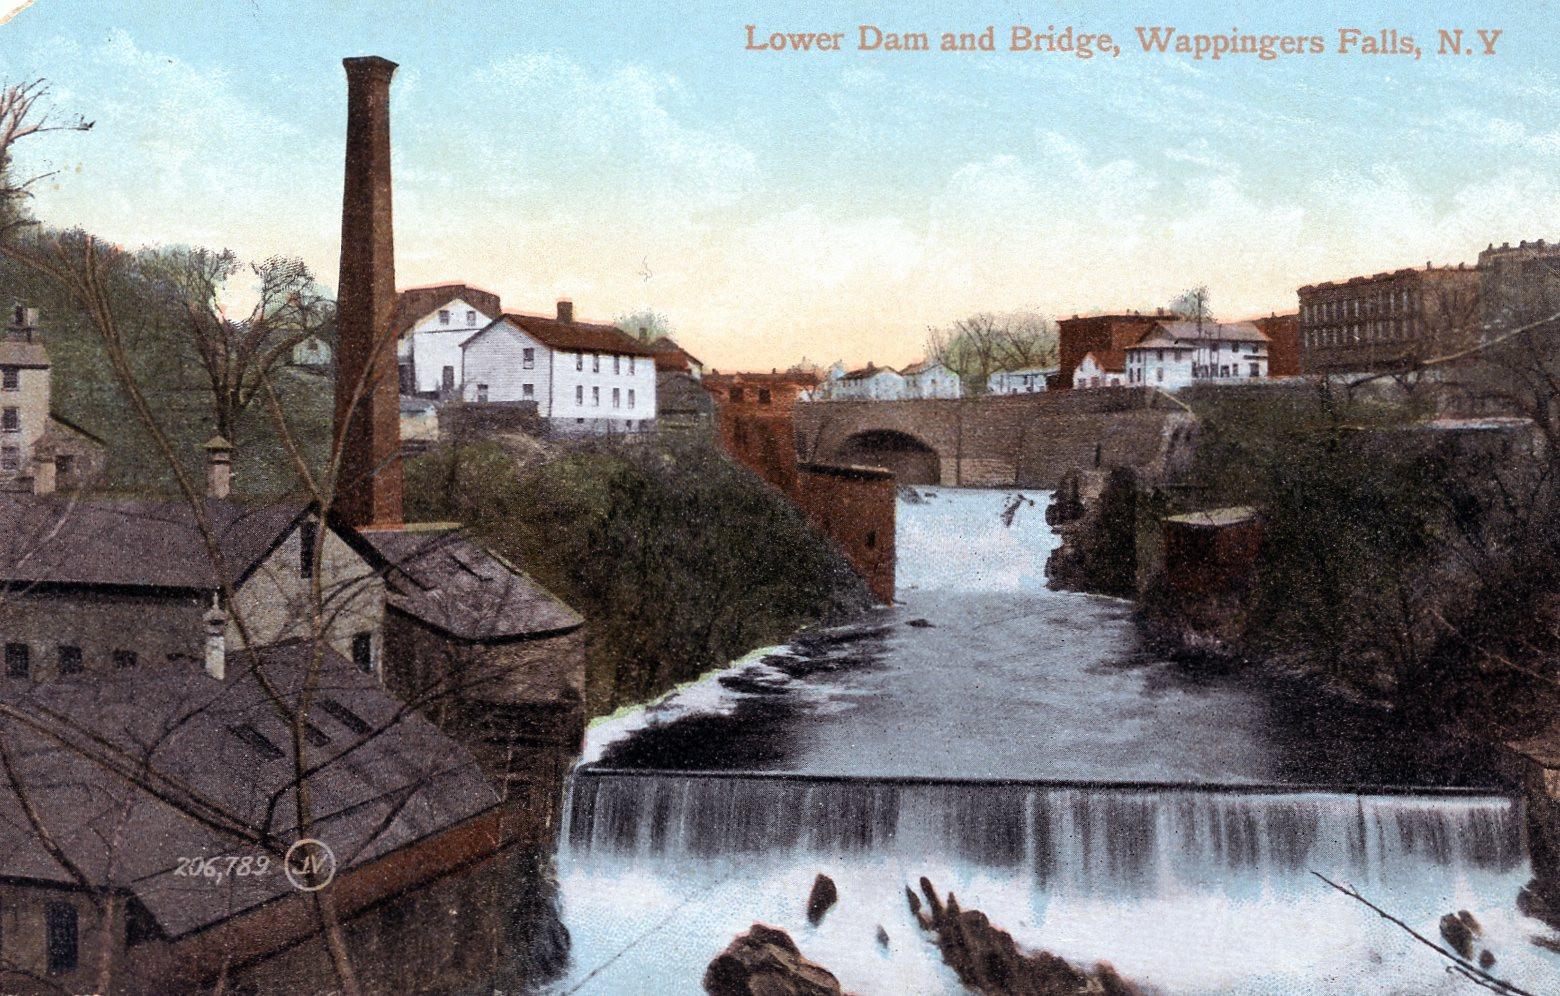 Lower Dam and Bridge